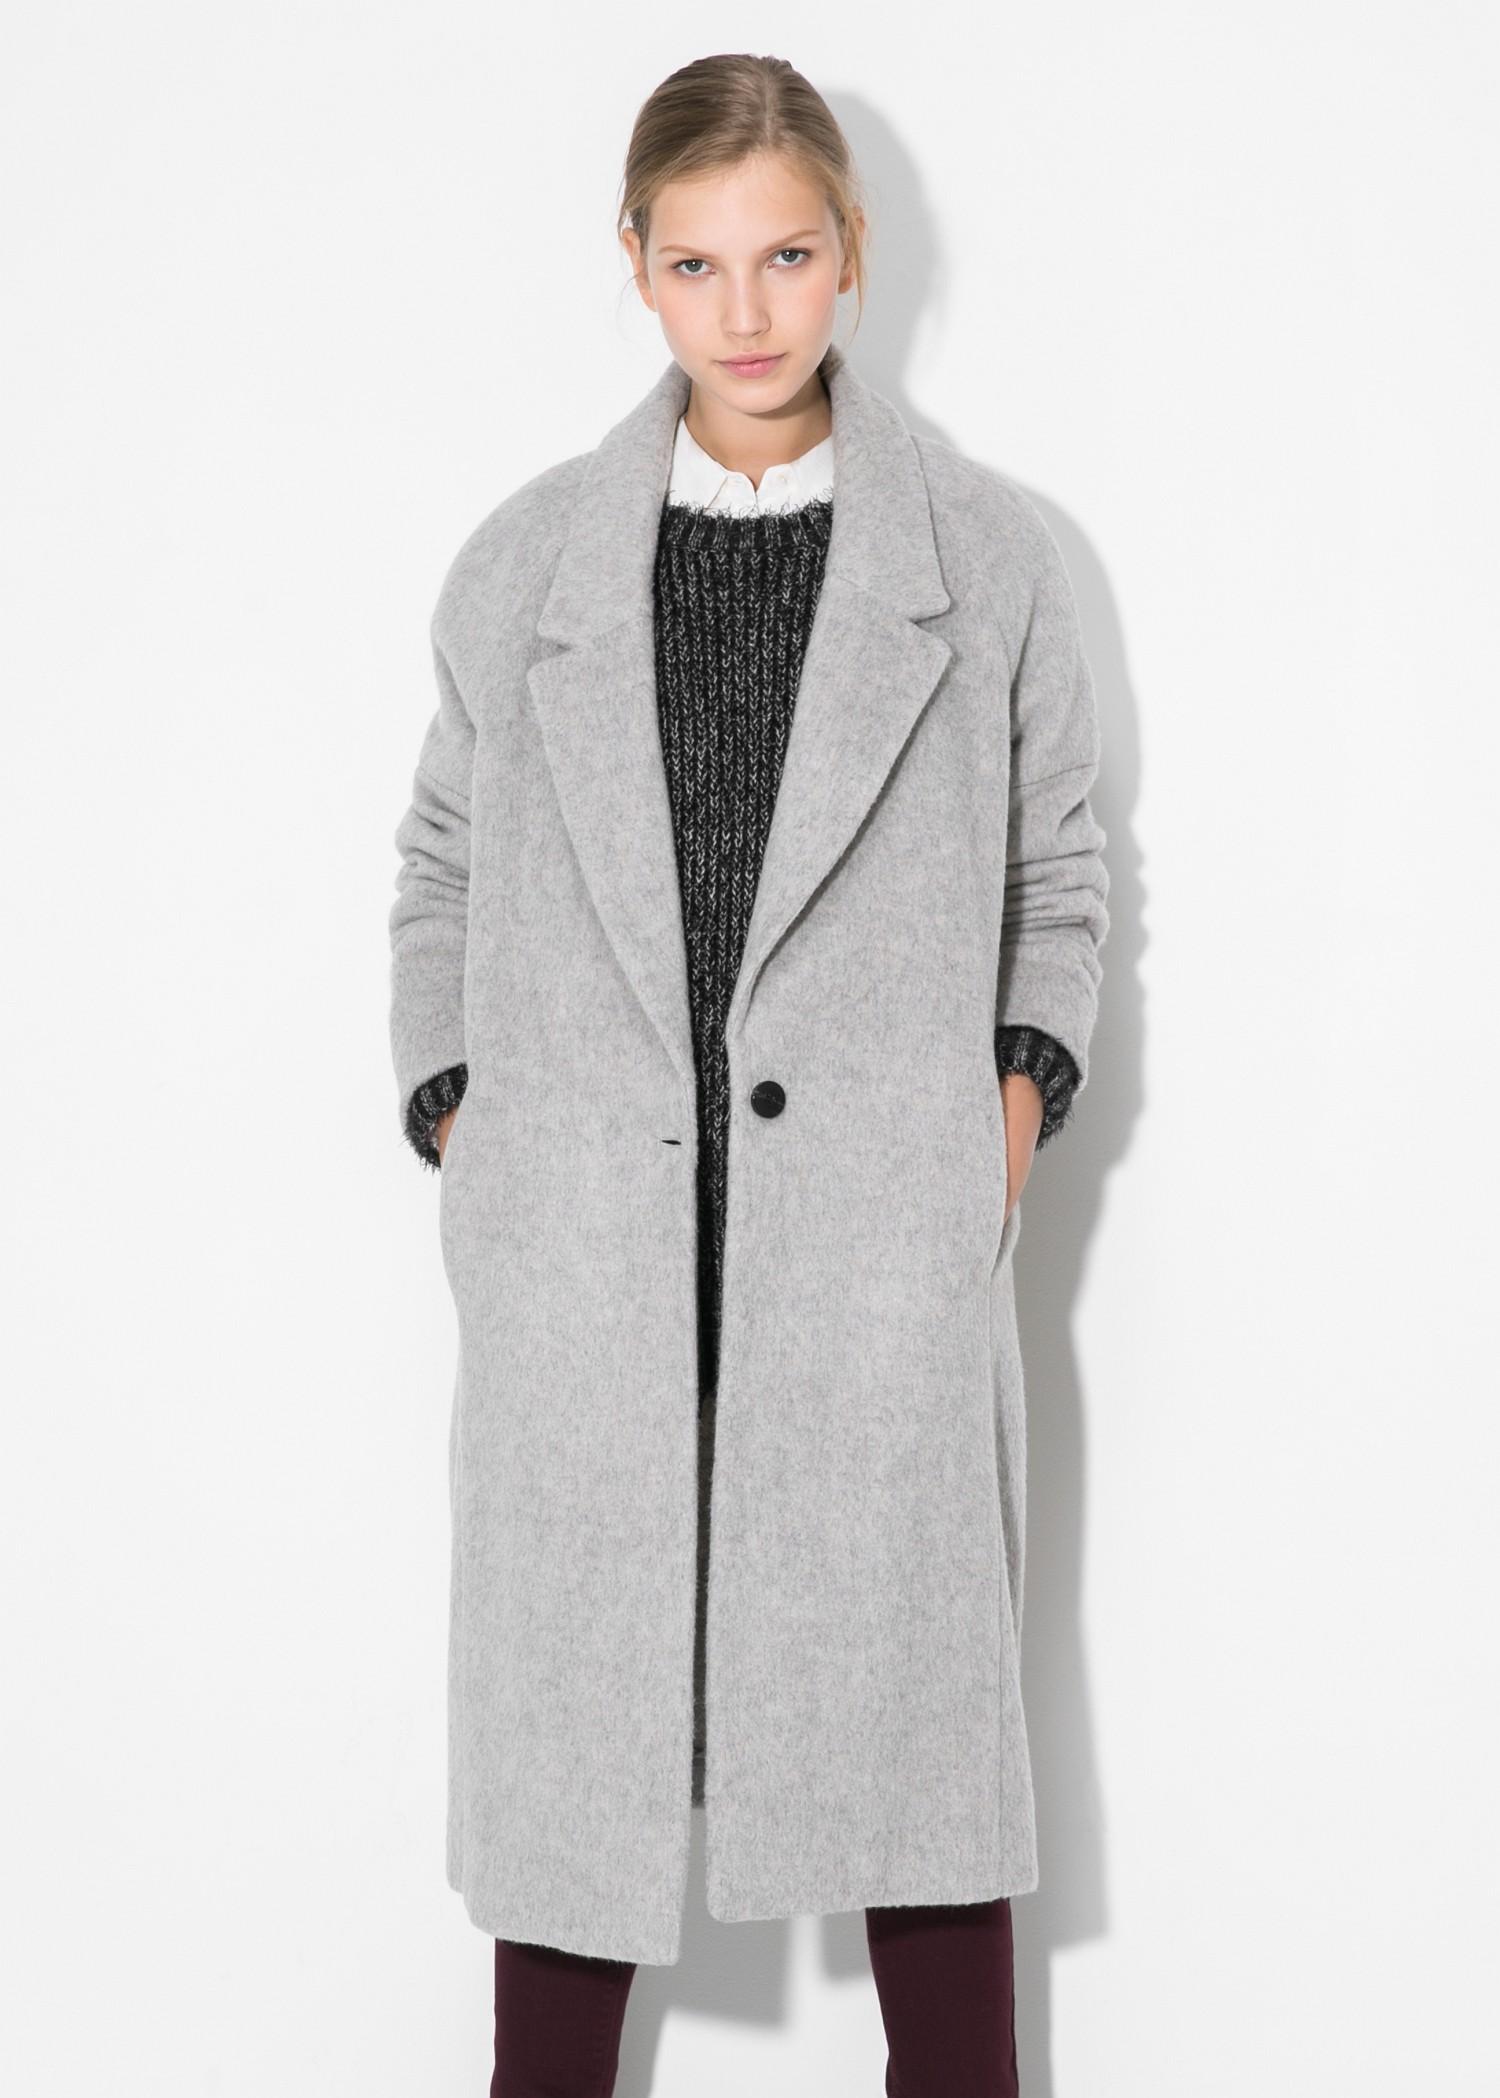 Mango coats women